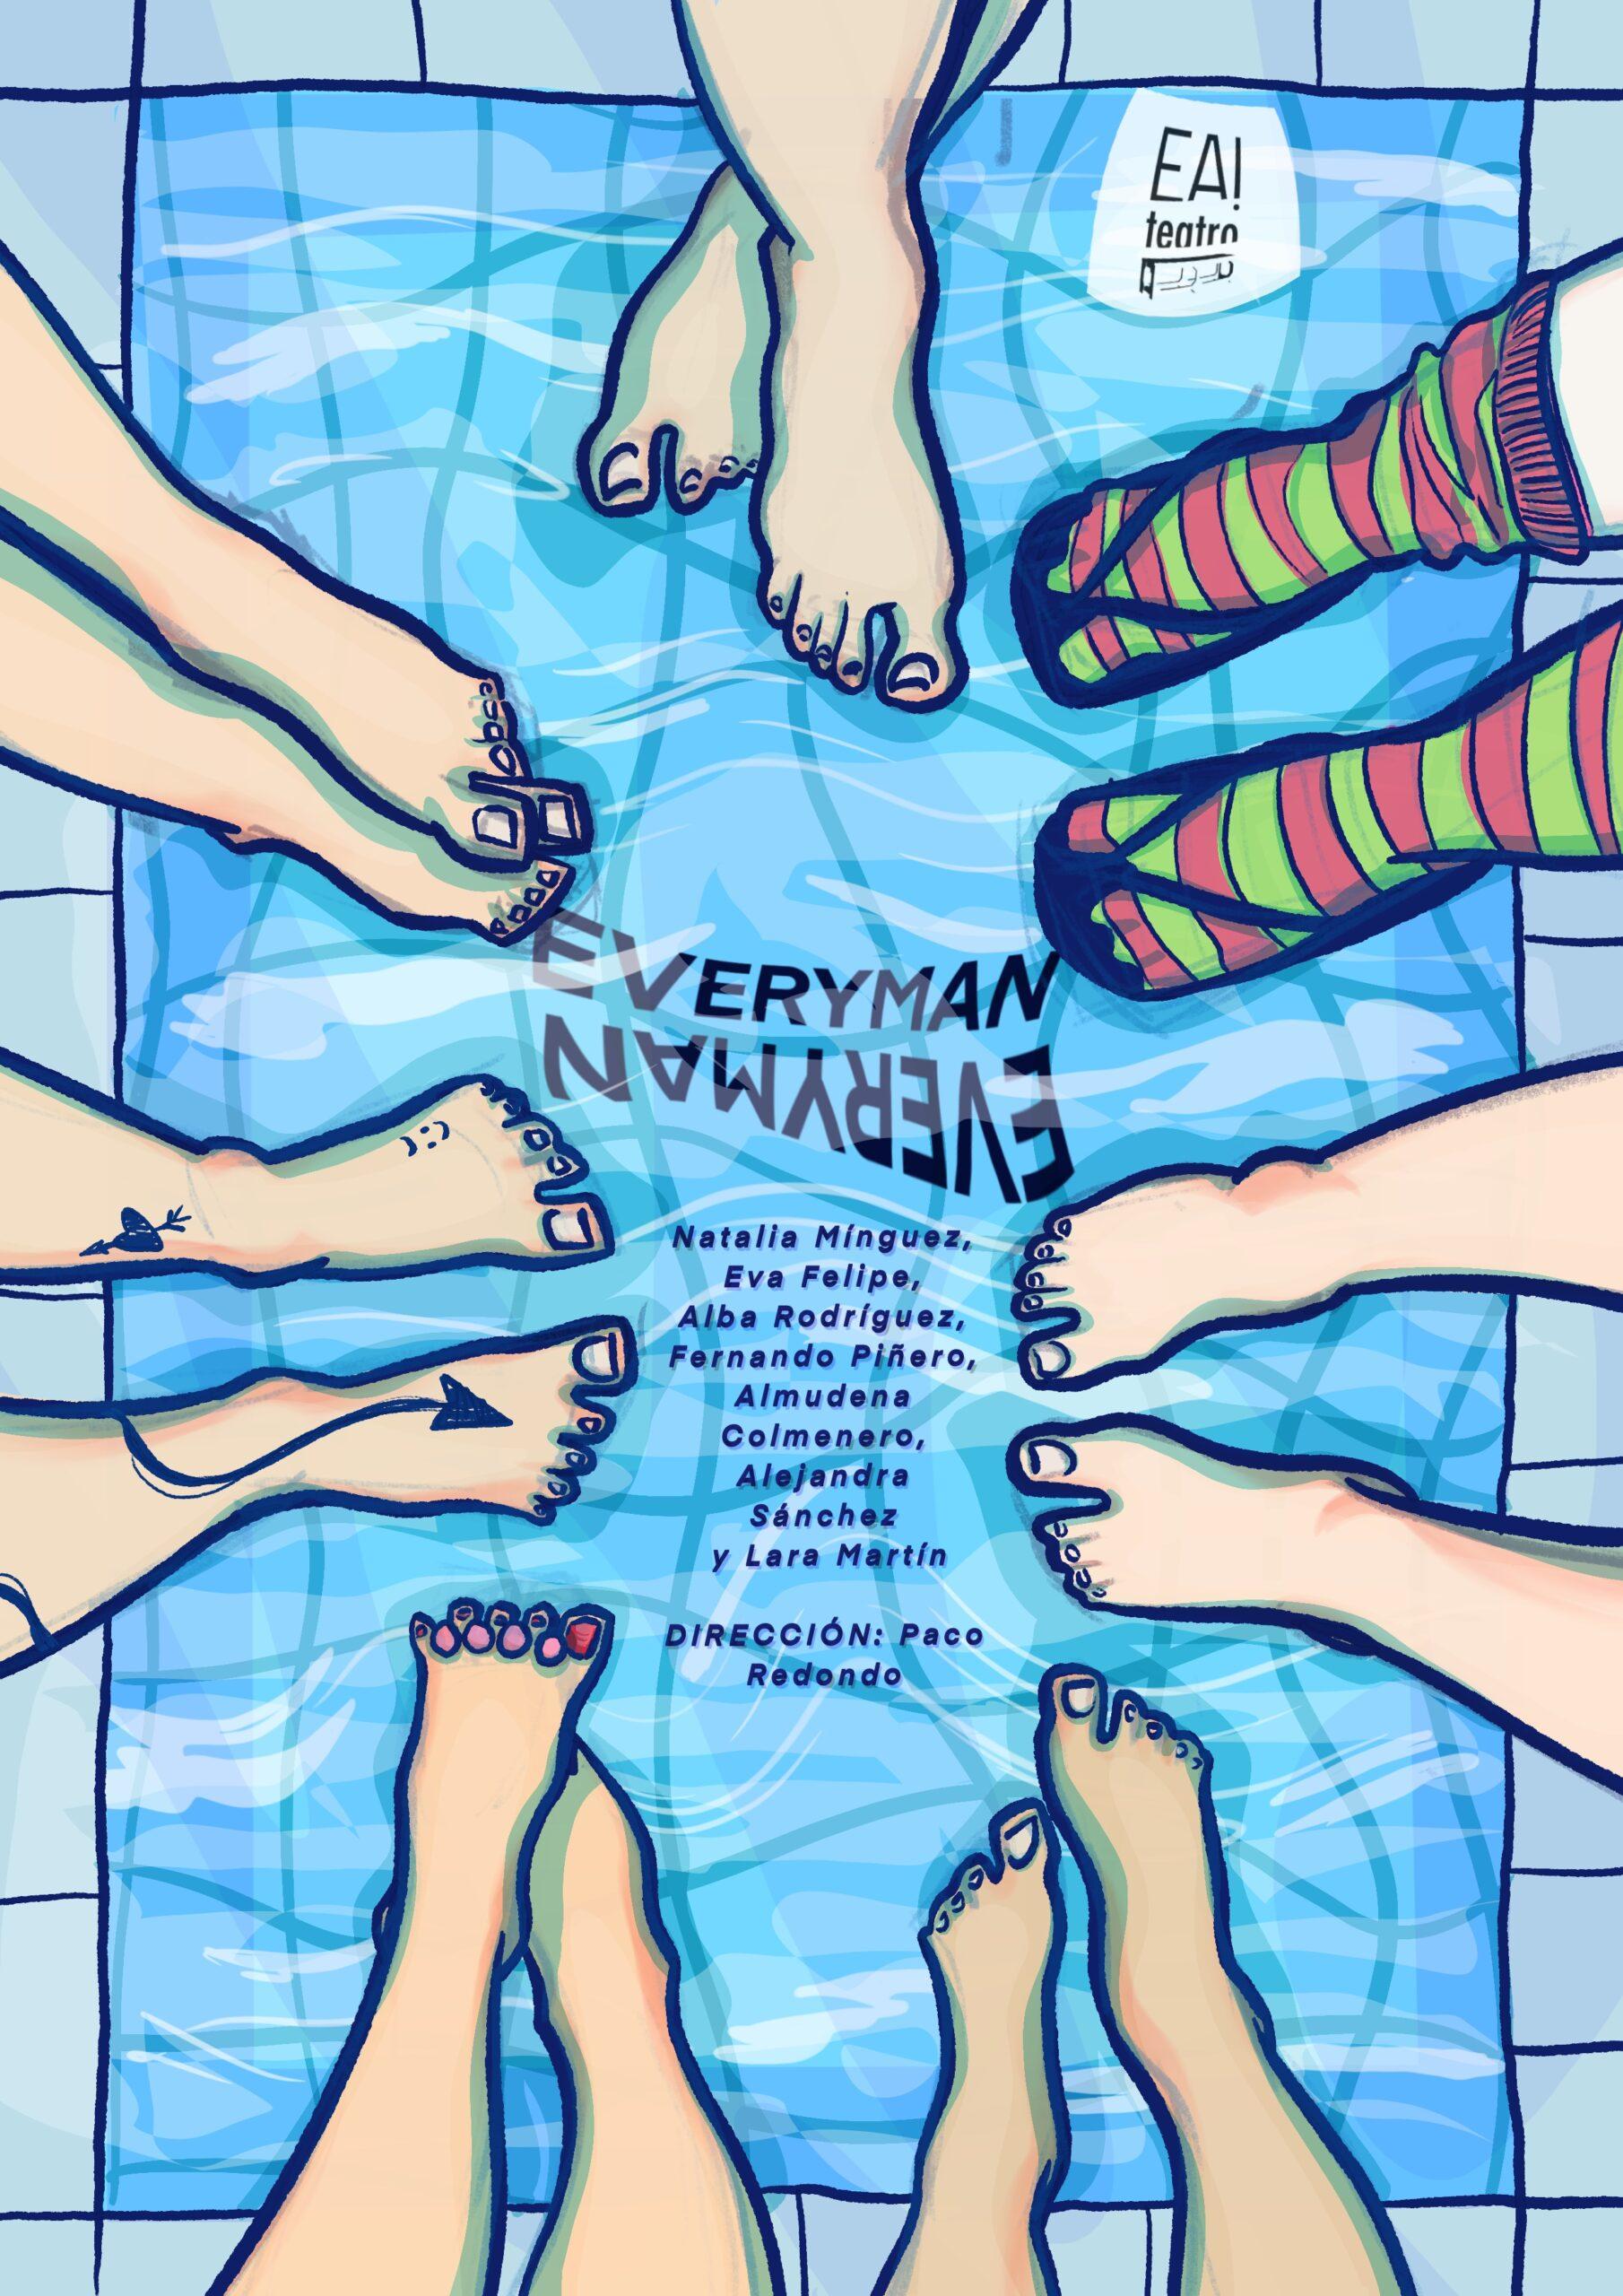 Everyman – Taller de Teatro Joven de Ea! Teatro